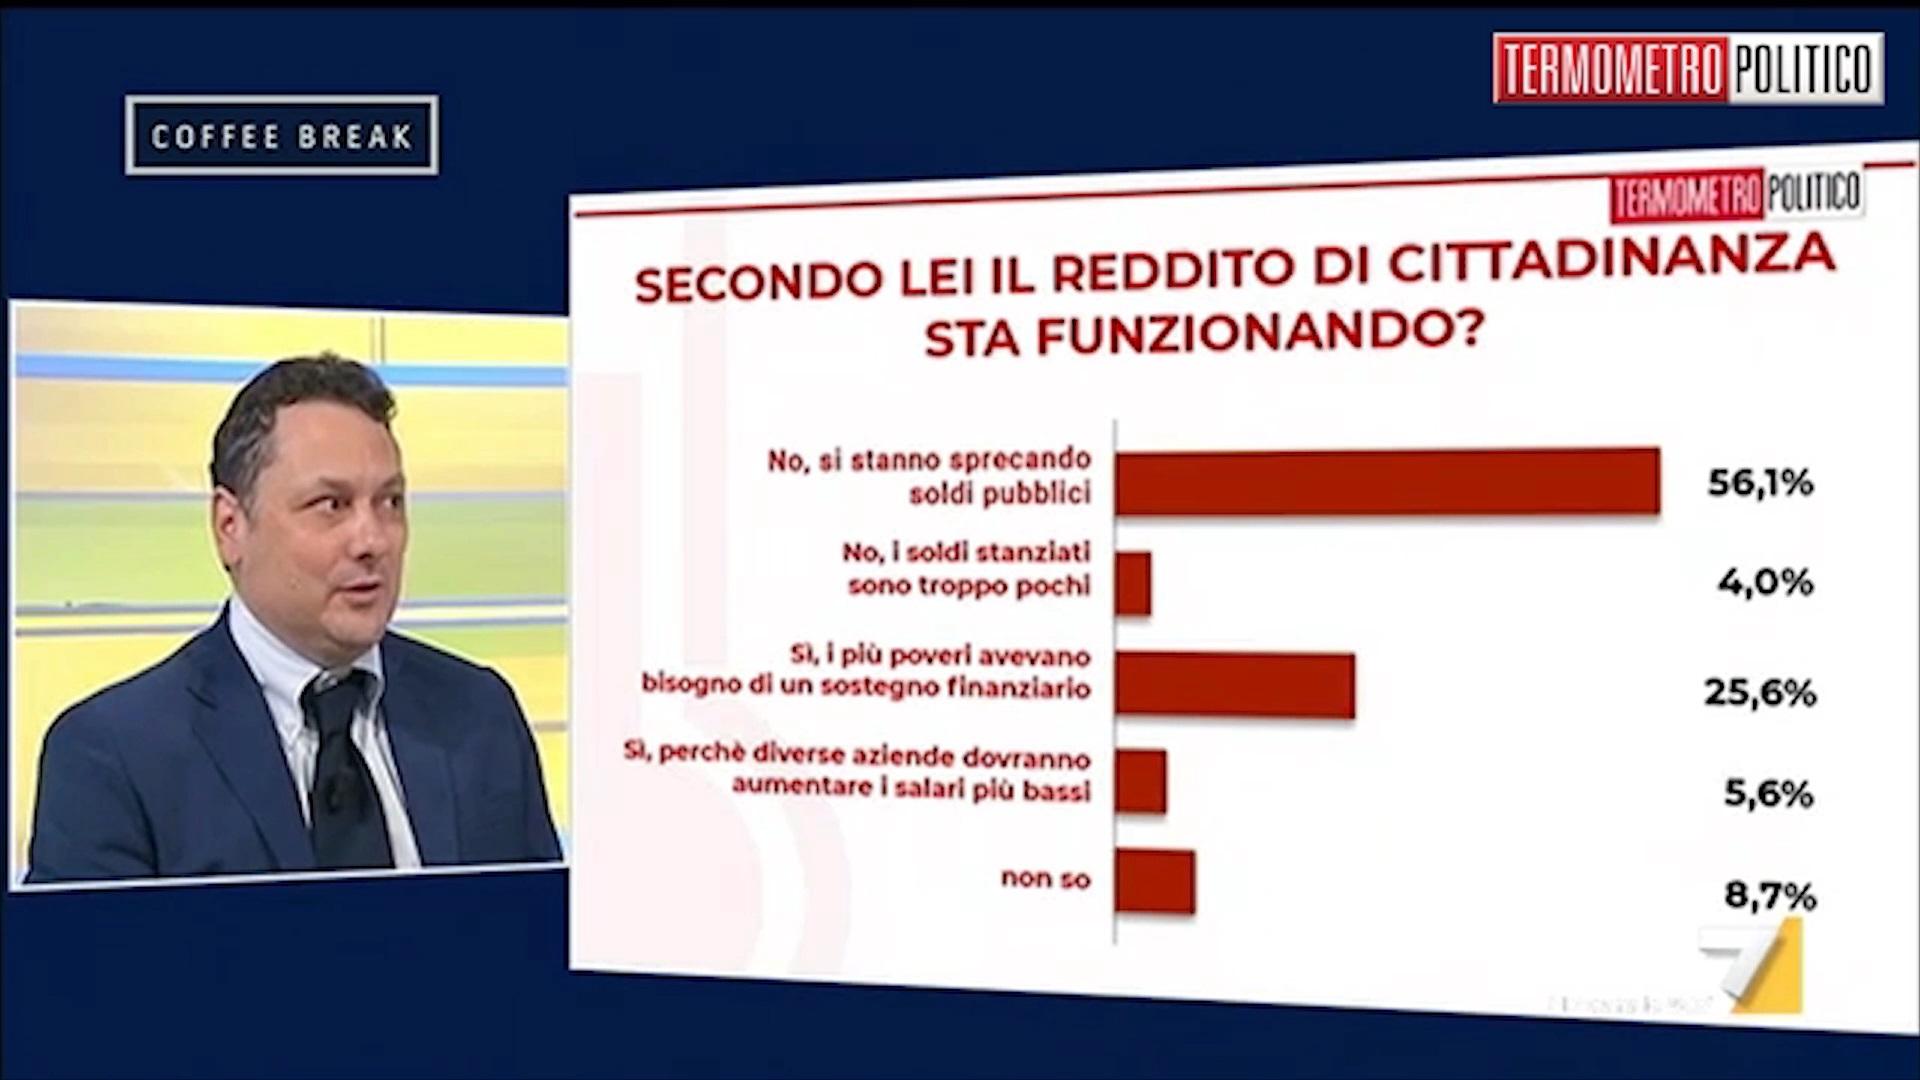 https://www.termometropolitico.it/1444580_sondaggi-politici-tp-borrelli-salvini.html